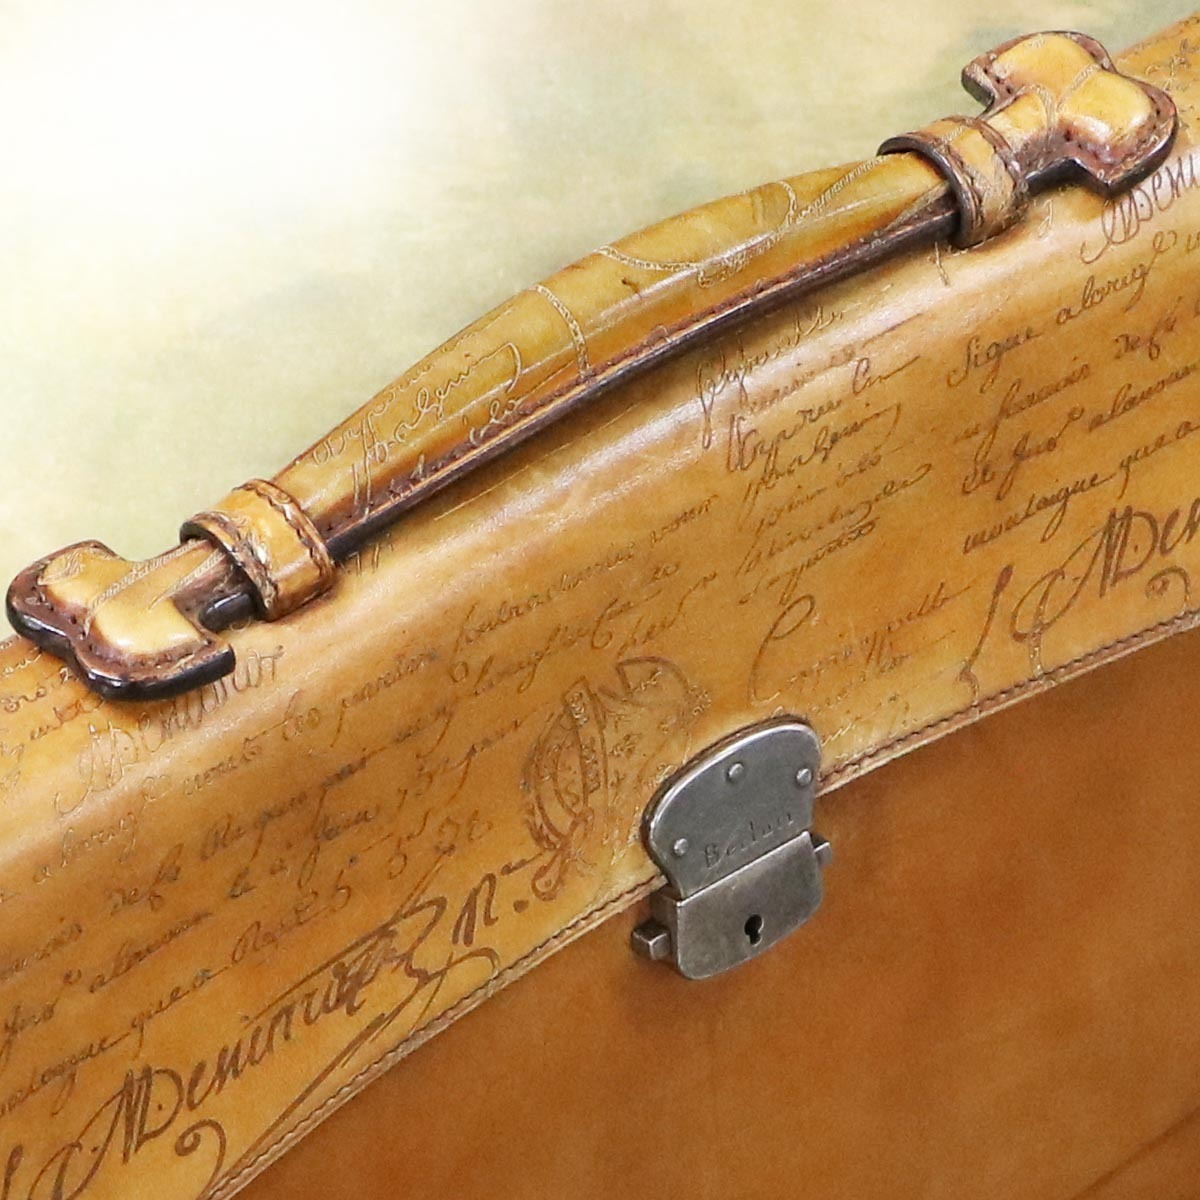 本物 美品 ベルルッティ 絶盤 オルガ期 ヴェネチアスクリットレザー Ecritoire メンズビジネスバッグ A4書類ブリーフケース カリグラフ_画像5